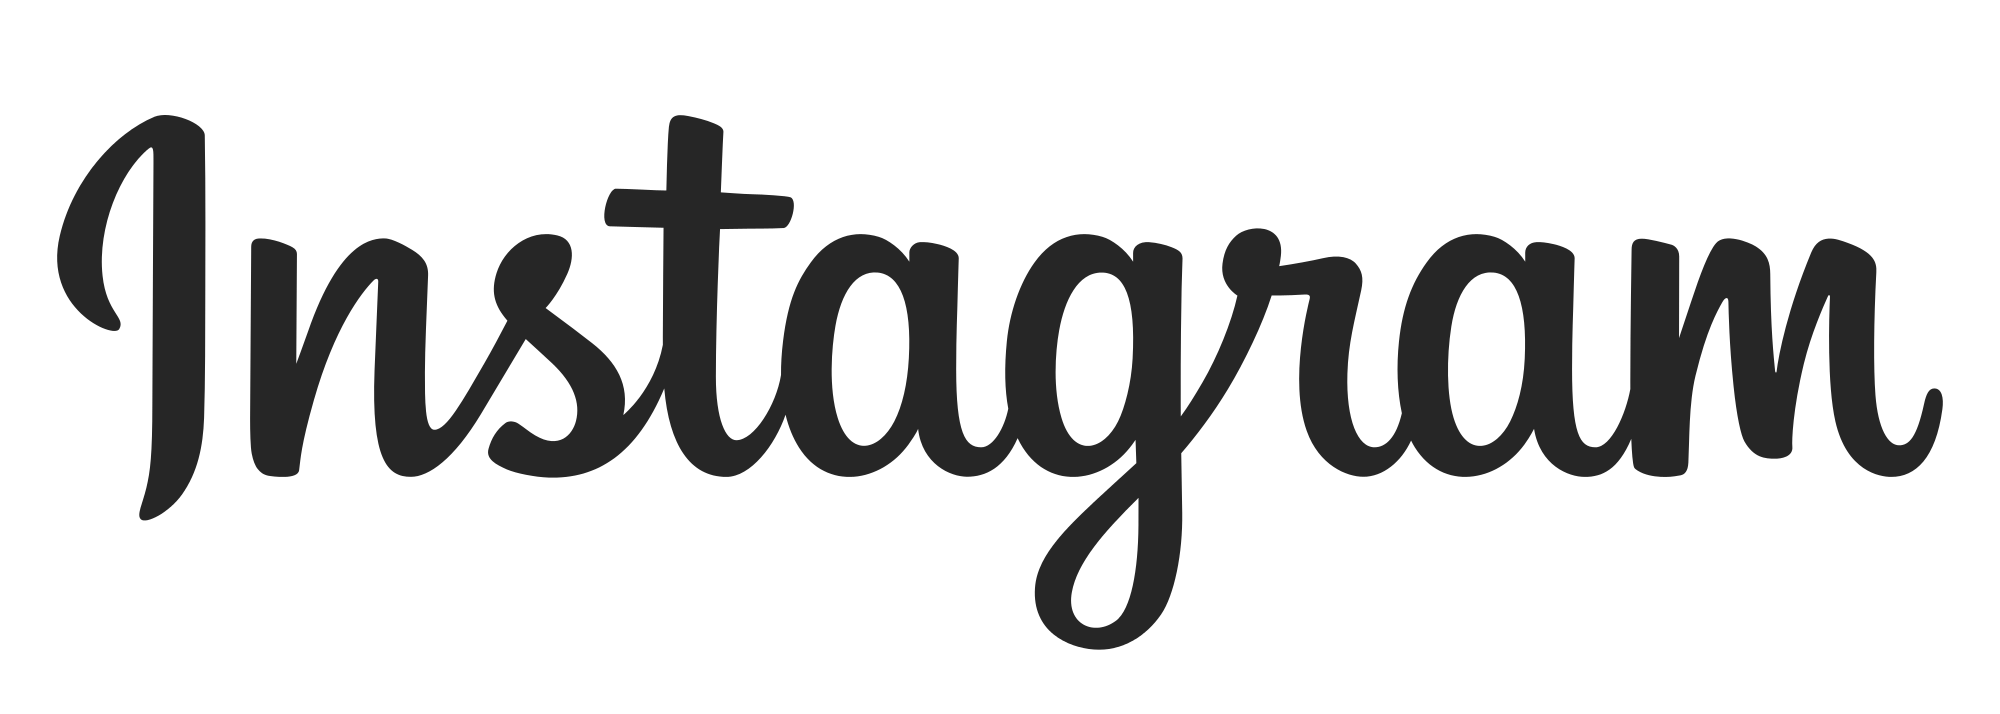 Logo Instagram PNG - 114310